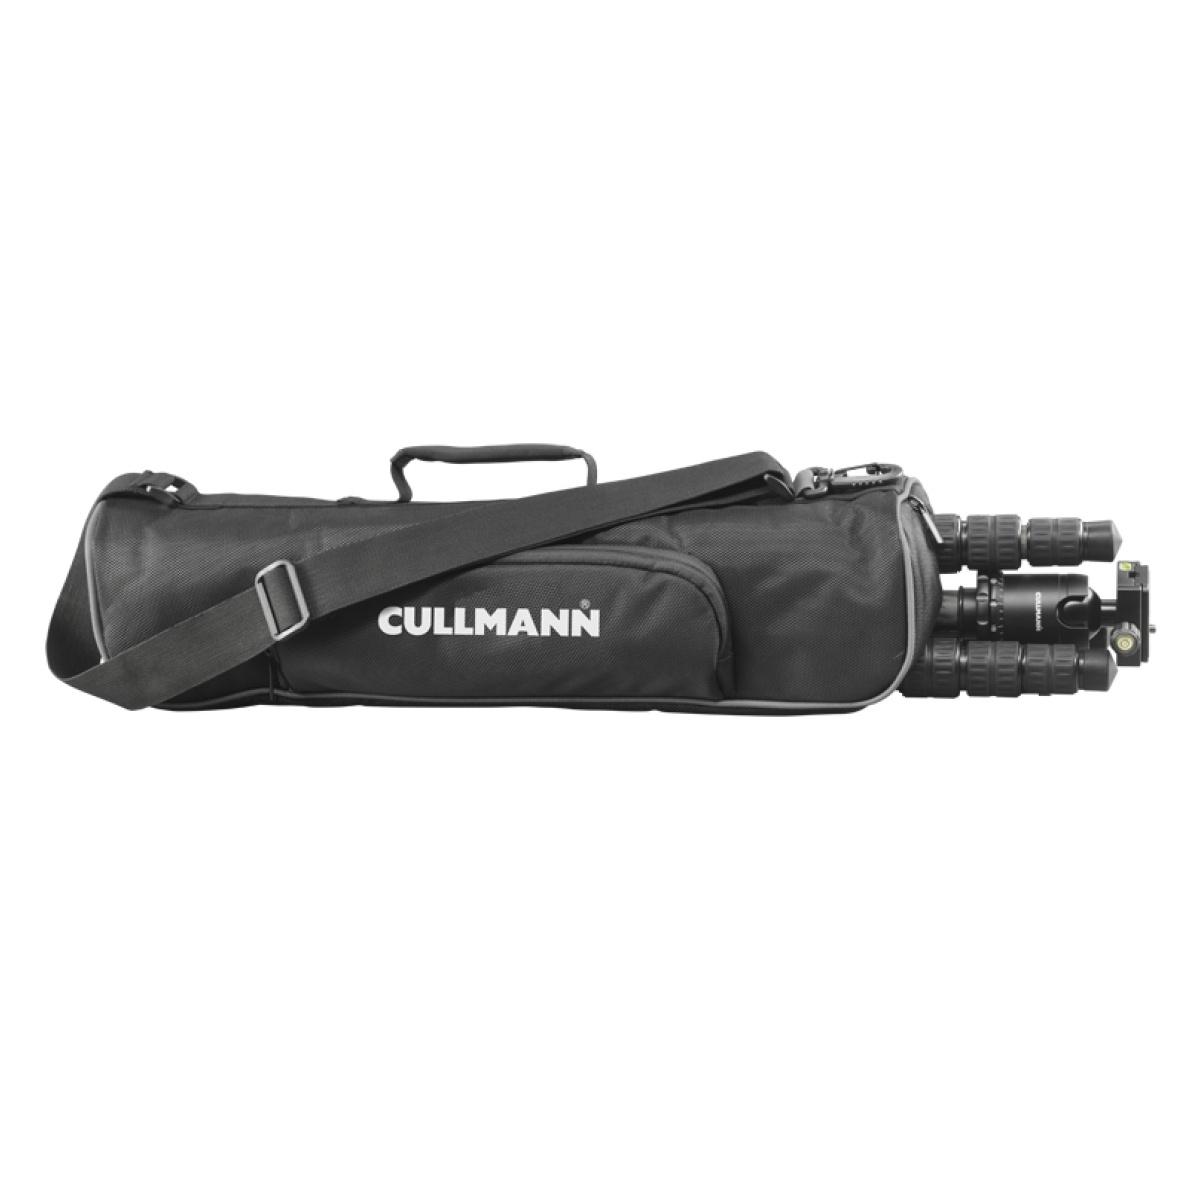 Cullmann Carvao 828 MC